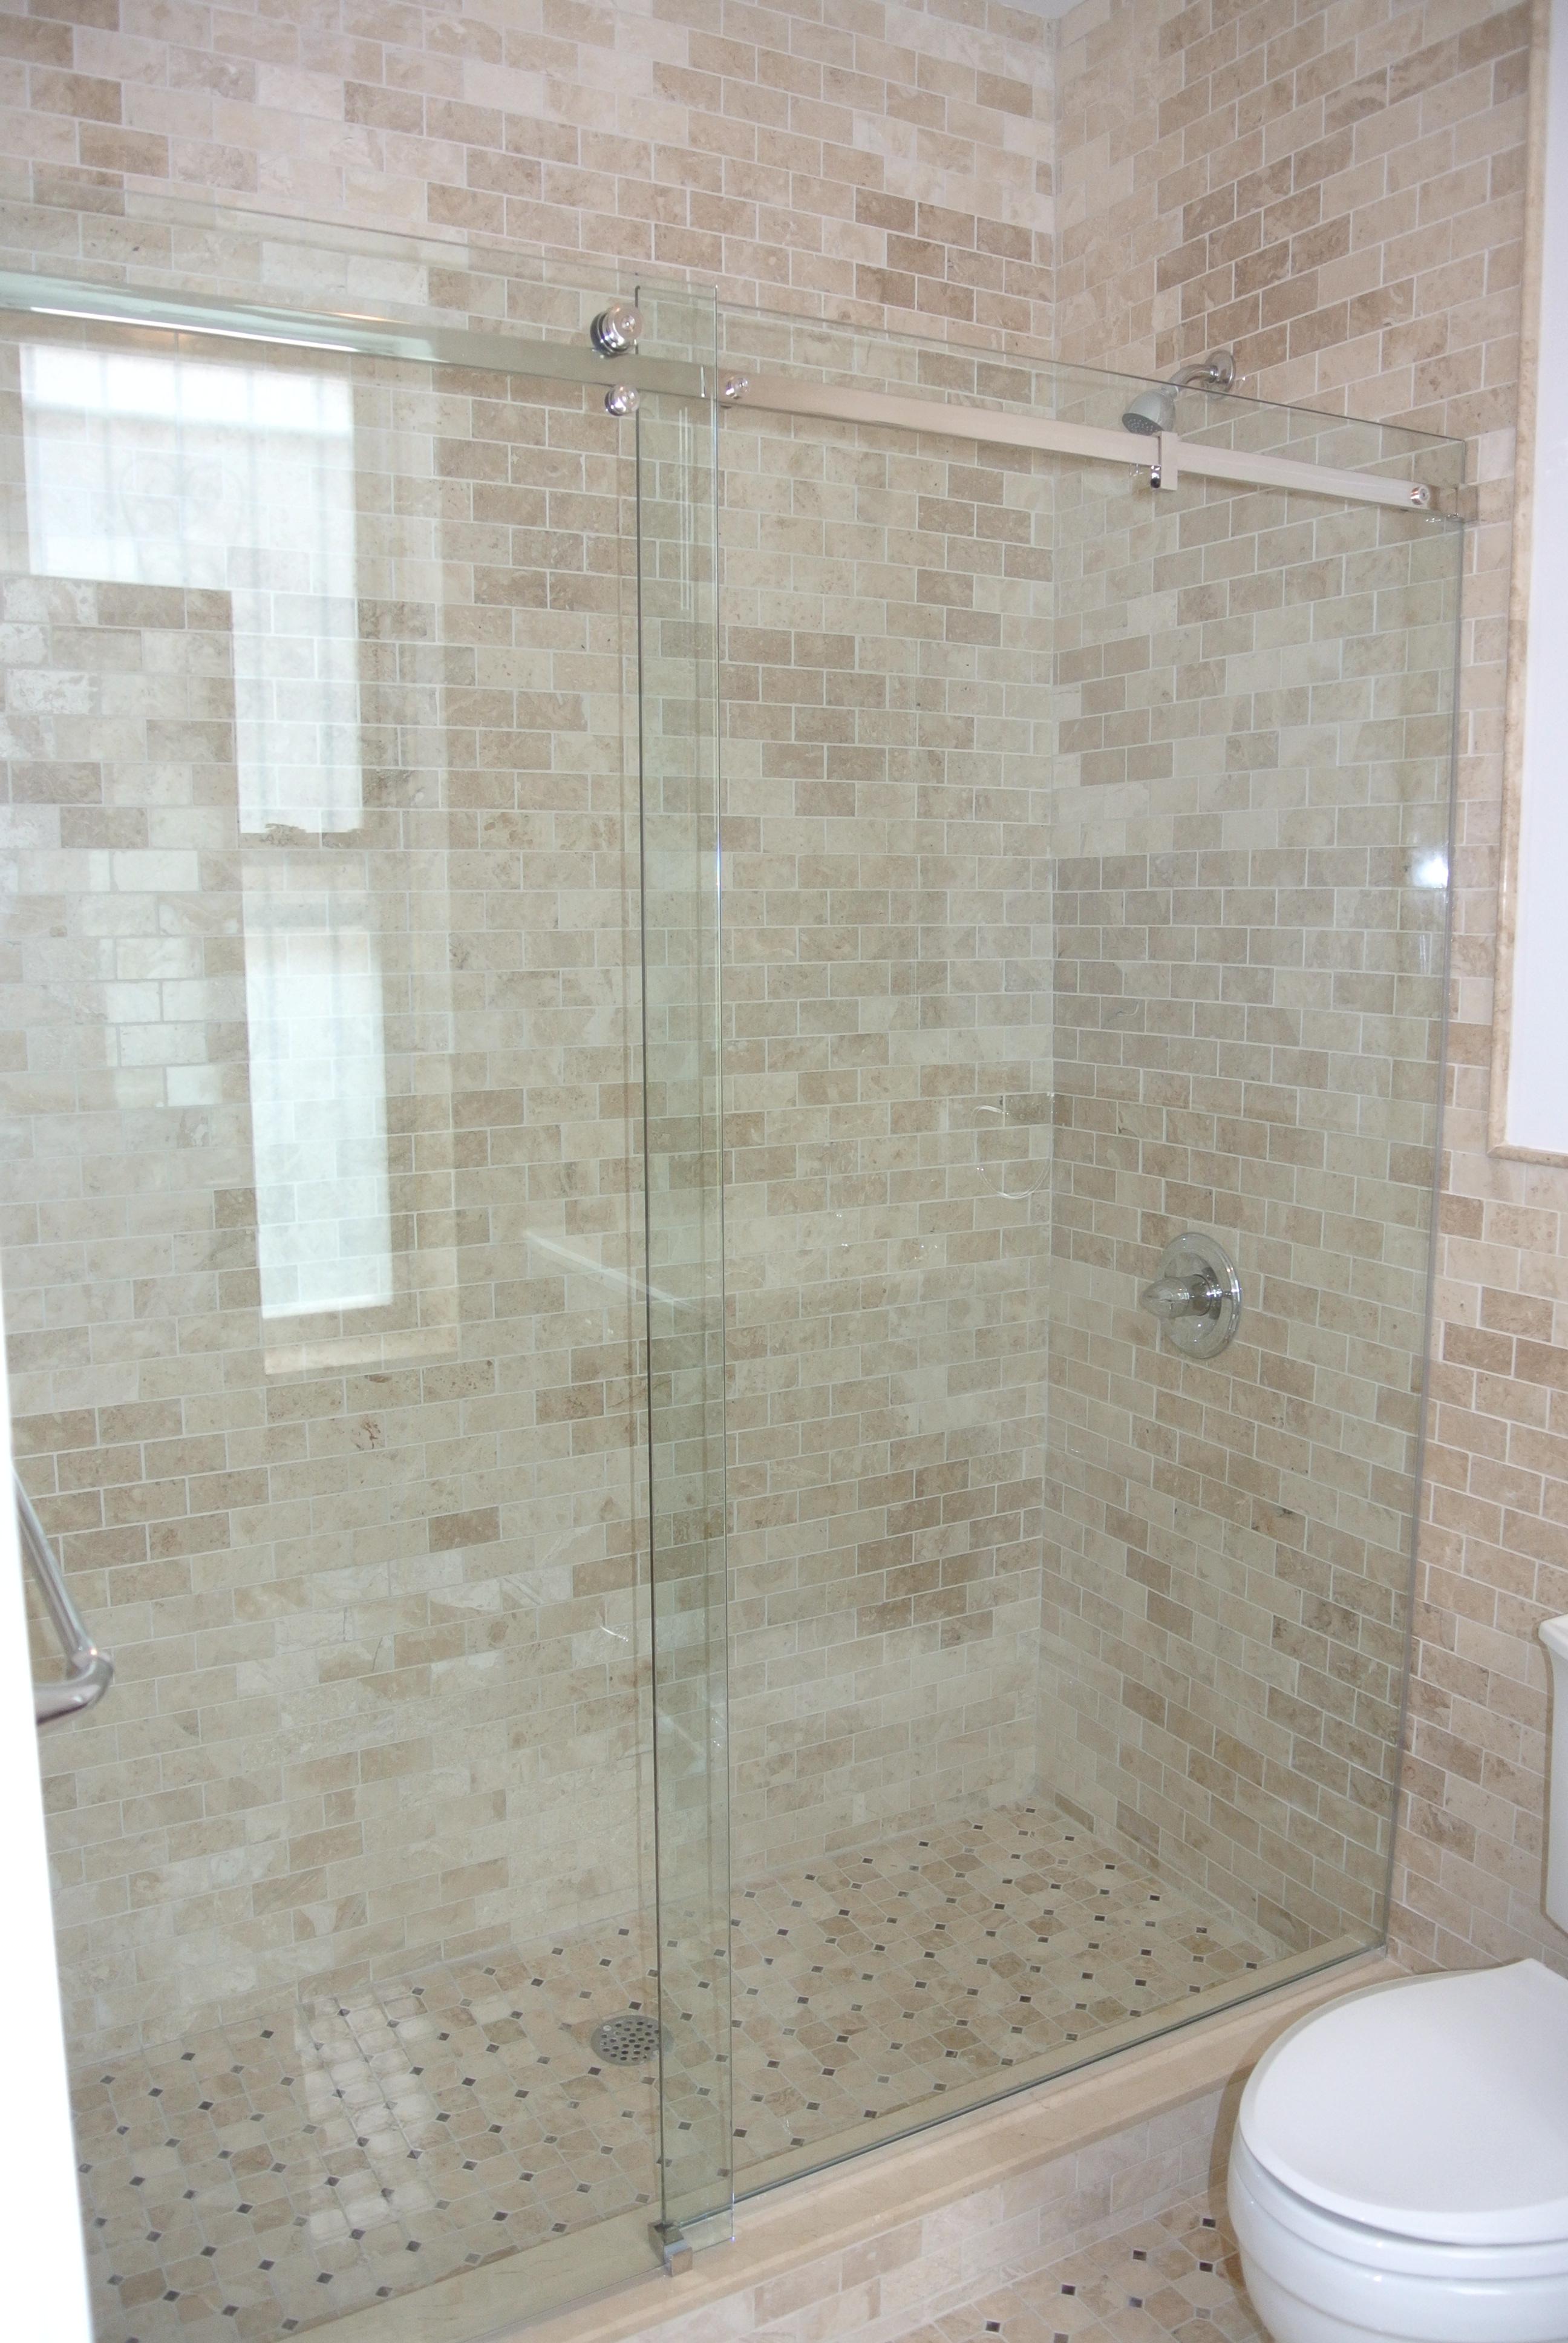 Sliding Shower Door Vs Hinged Shower Door